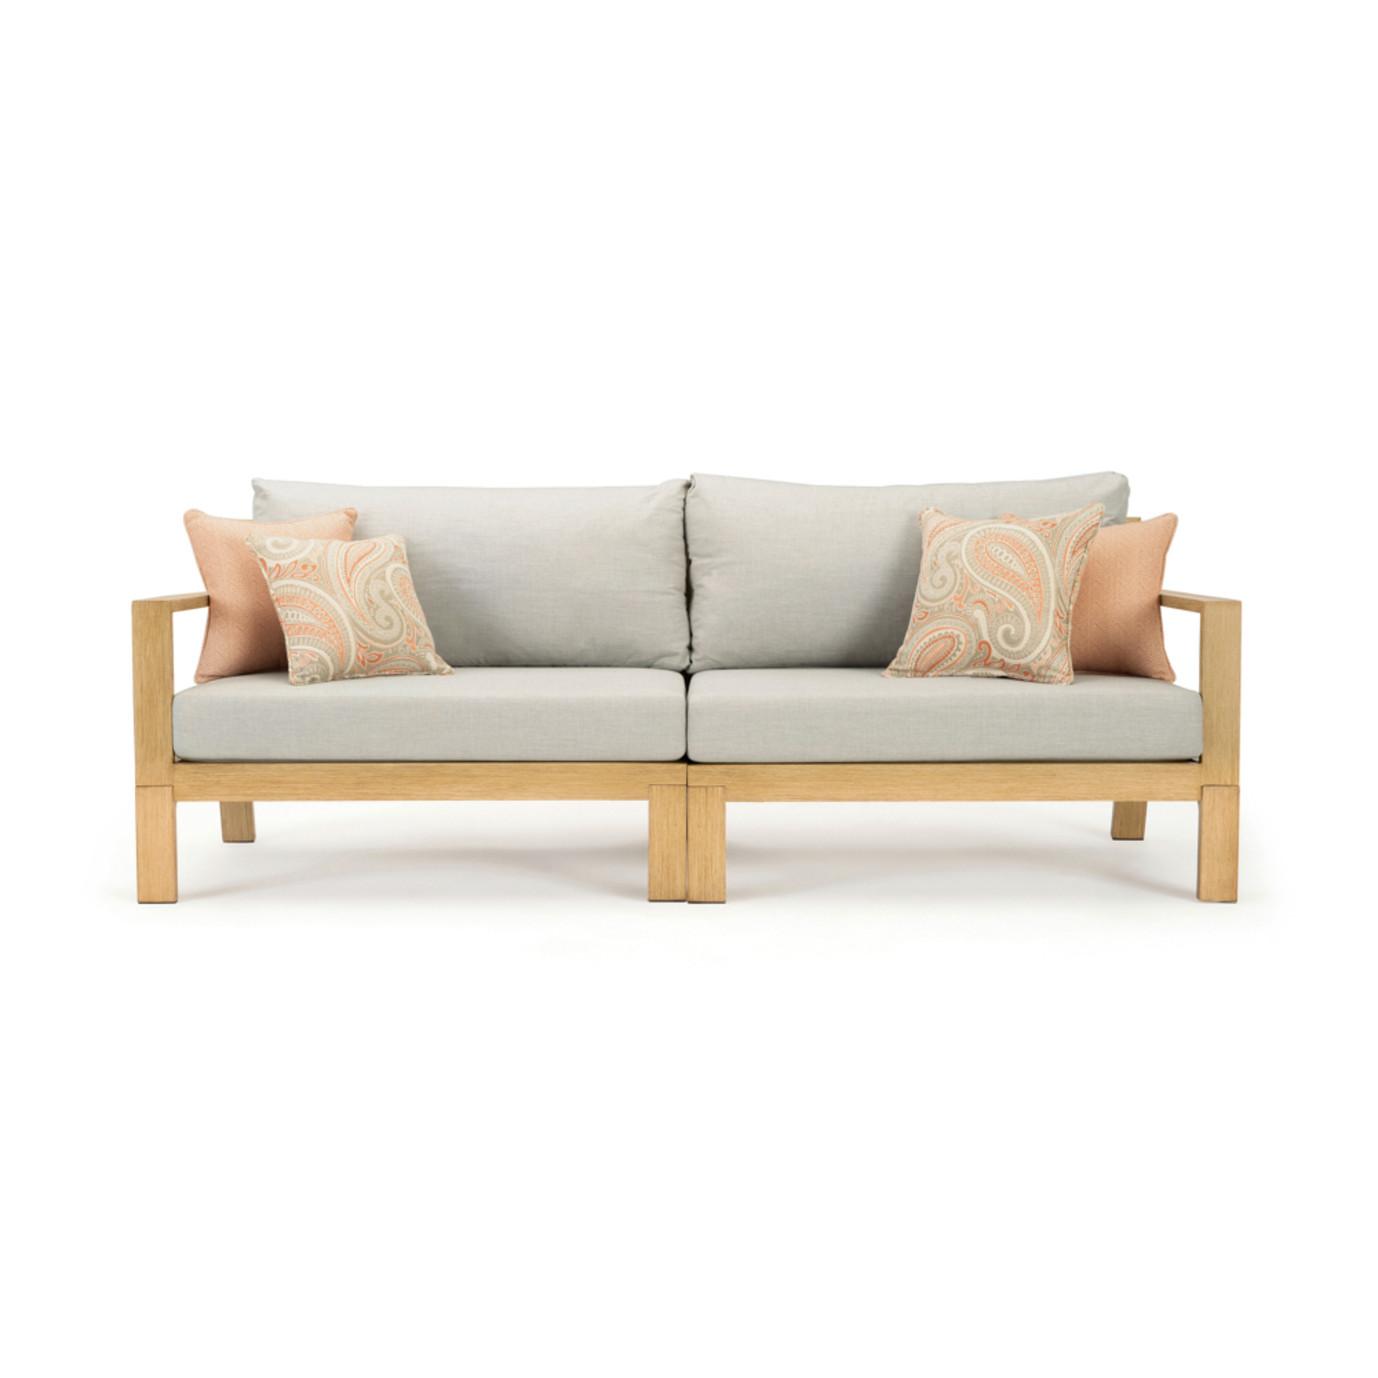 Capri 88in Sofa - Cast Silver